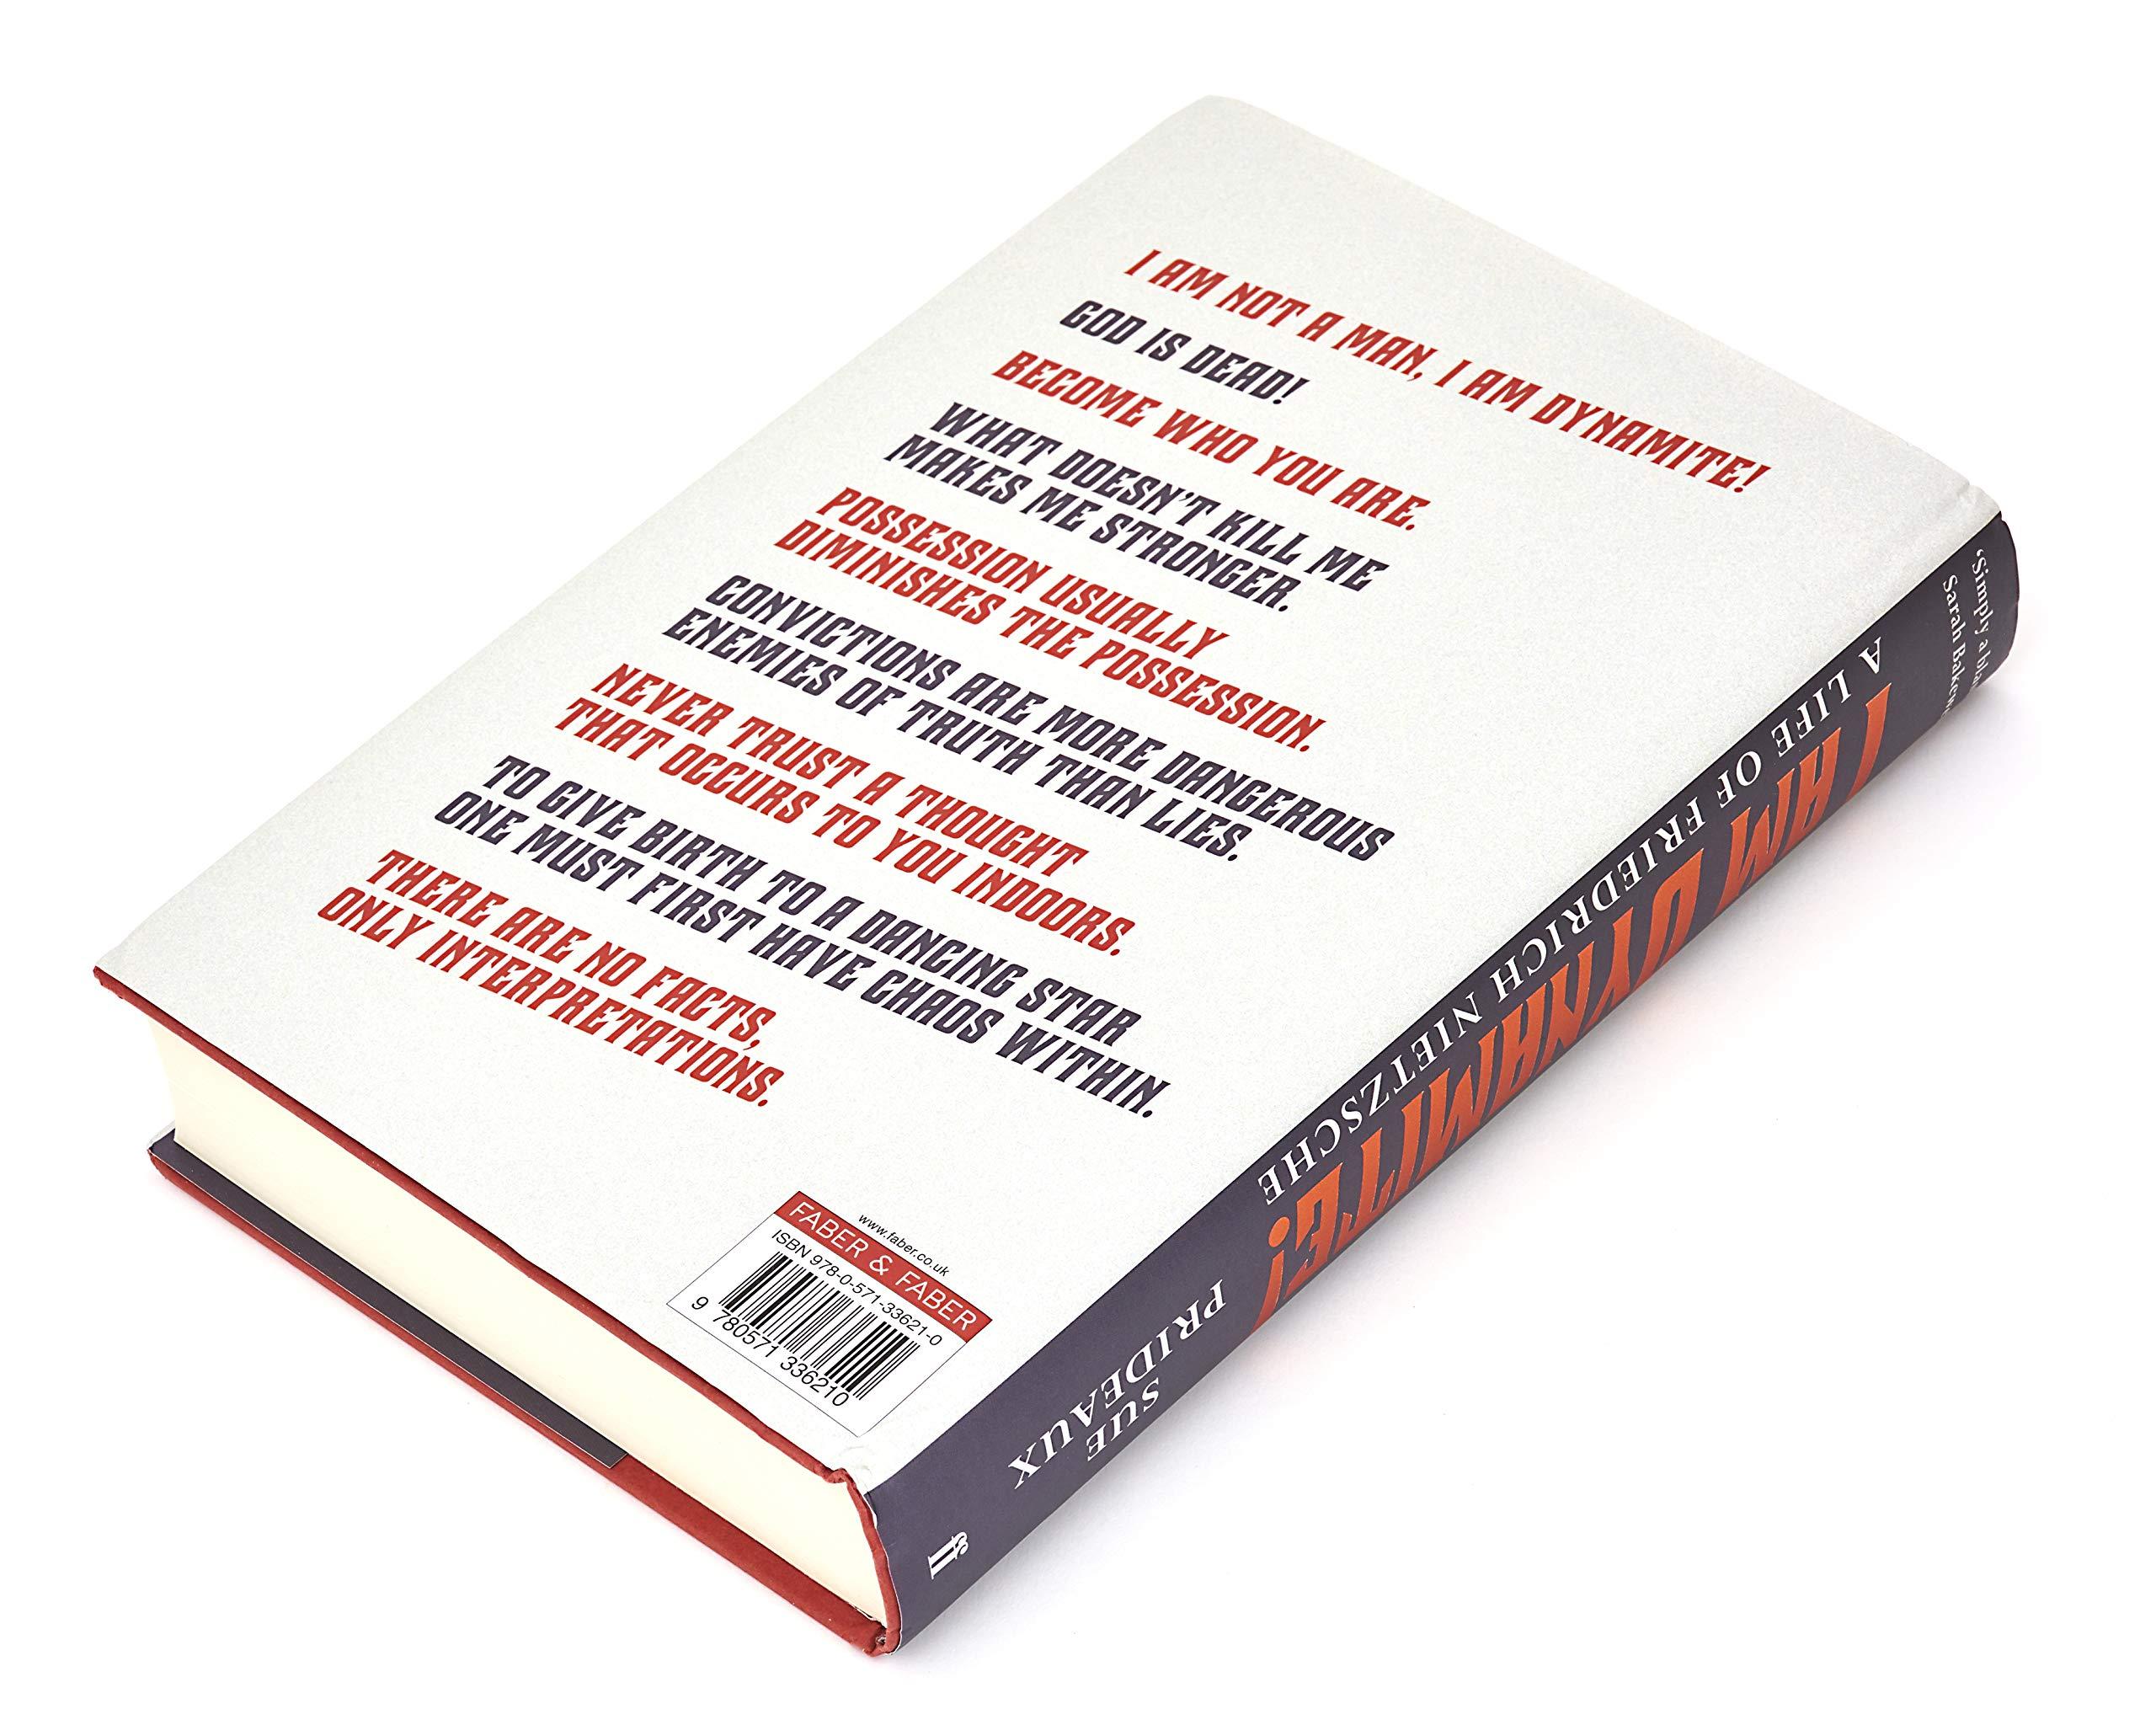 Citation Nietzsche Chaos : Buy i am dynamite!: a life of friedrich nietzsche book online at low